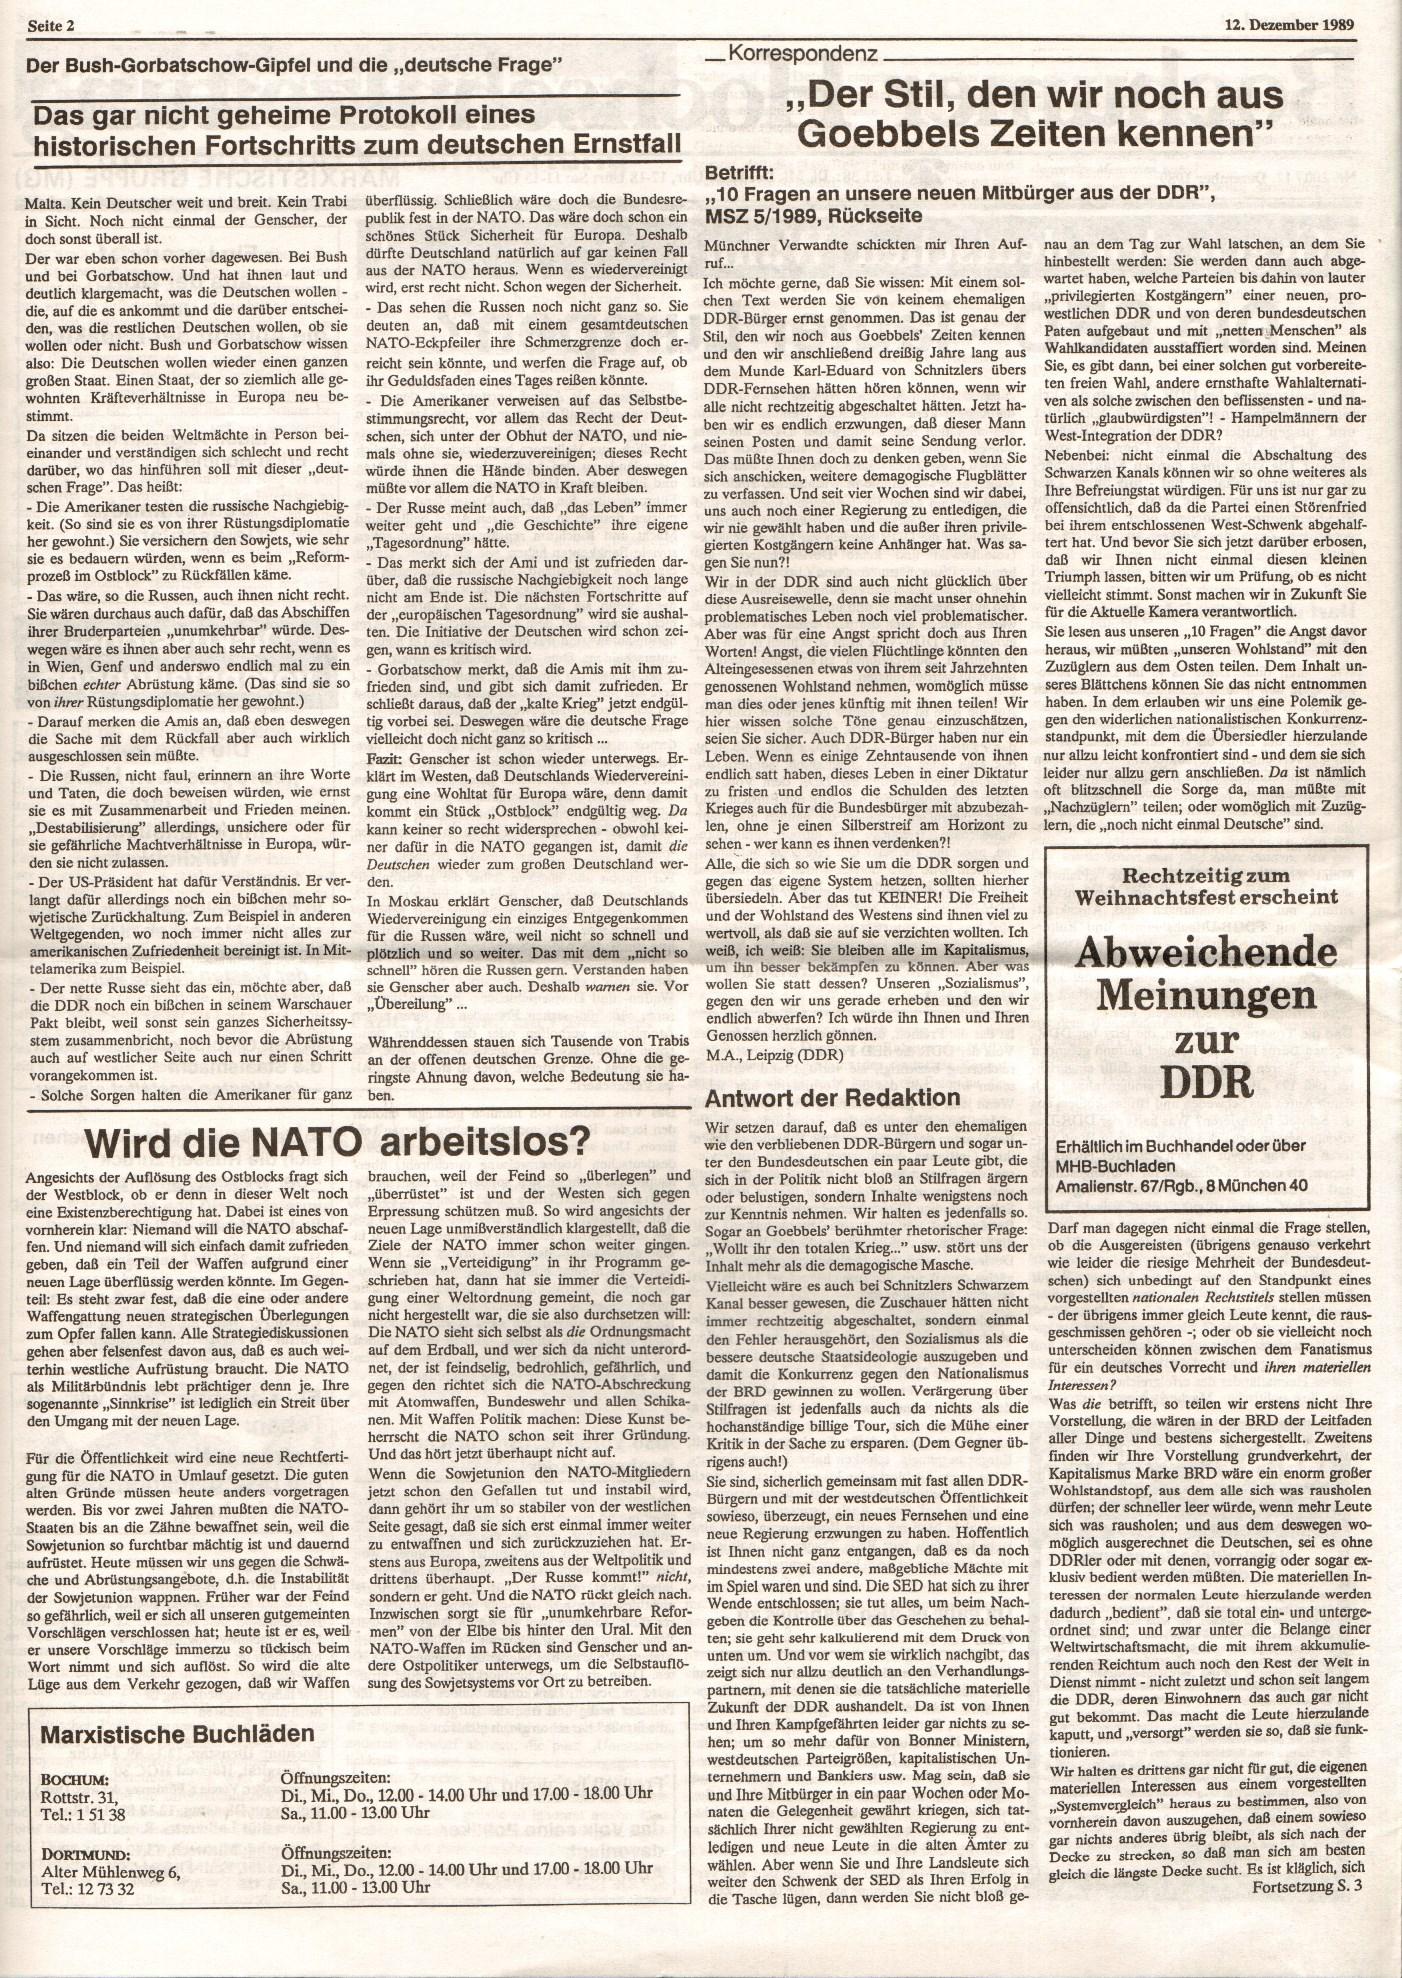 MG_Bochumer_Hochschulzeitung_19891212_02